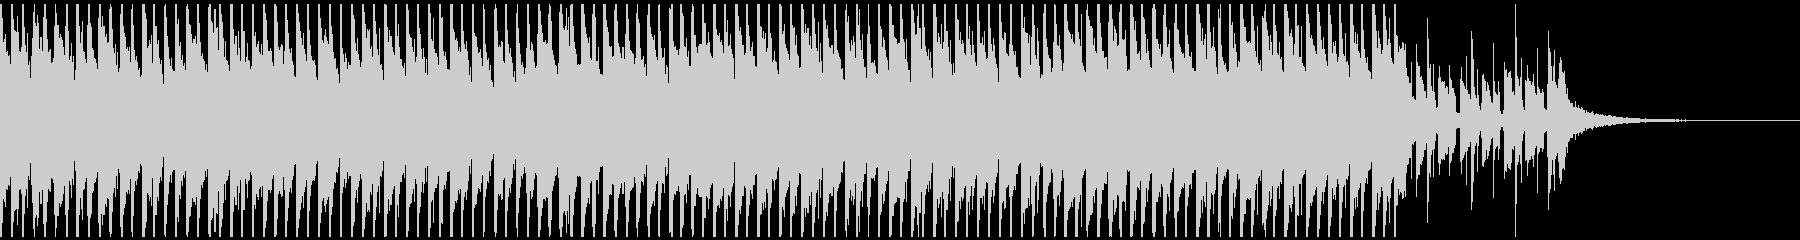 ハッピー・アップリフティング(ショート)の未再生の波形